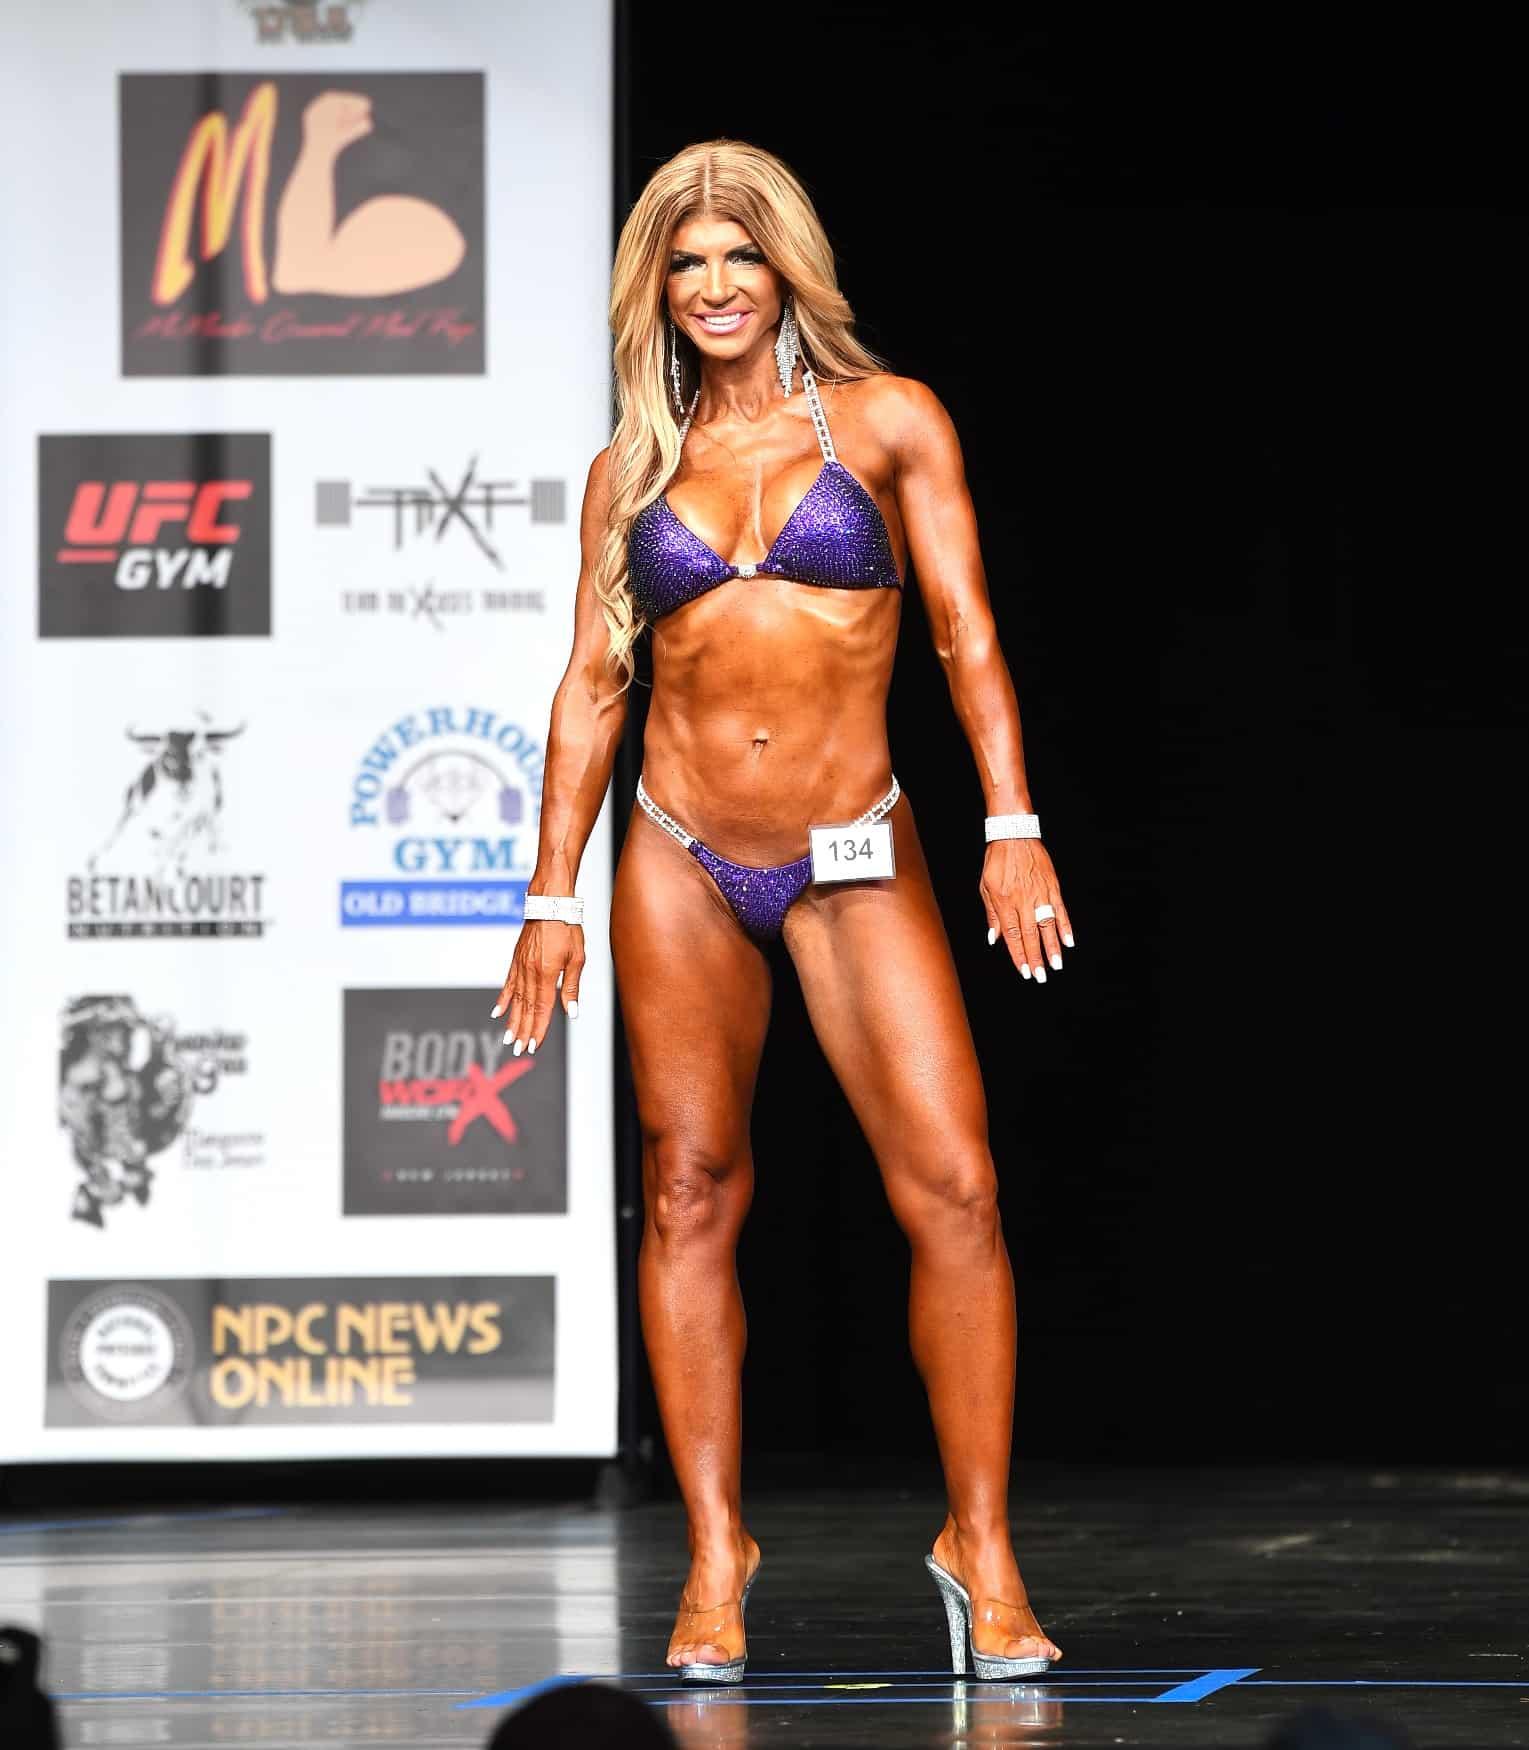 Teresa Giudice Bikini Bodybuilder Competition